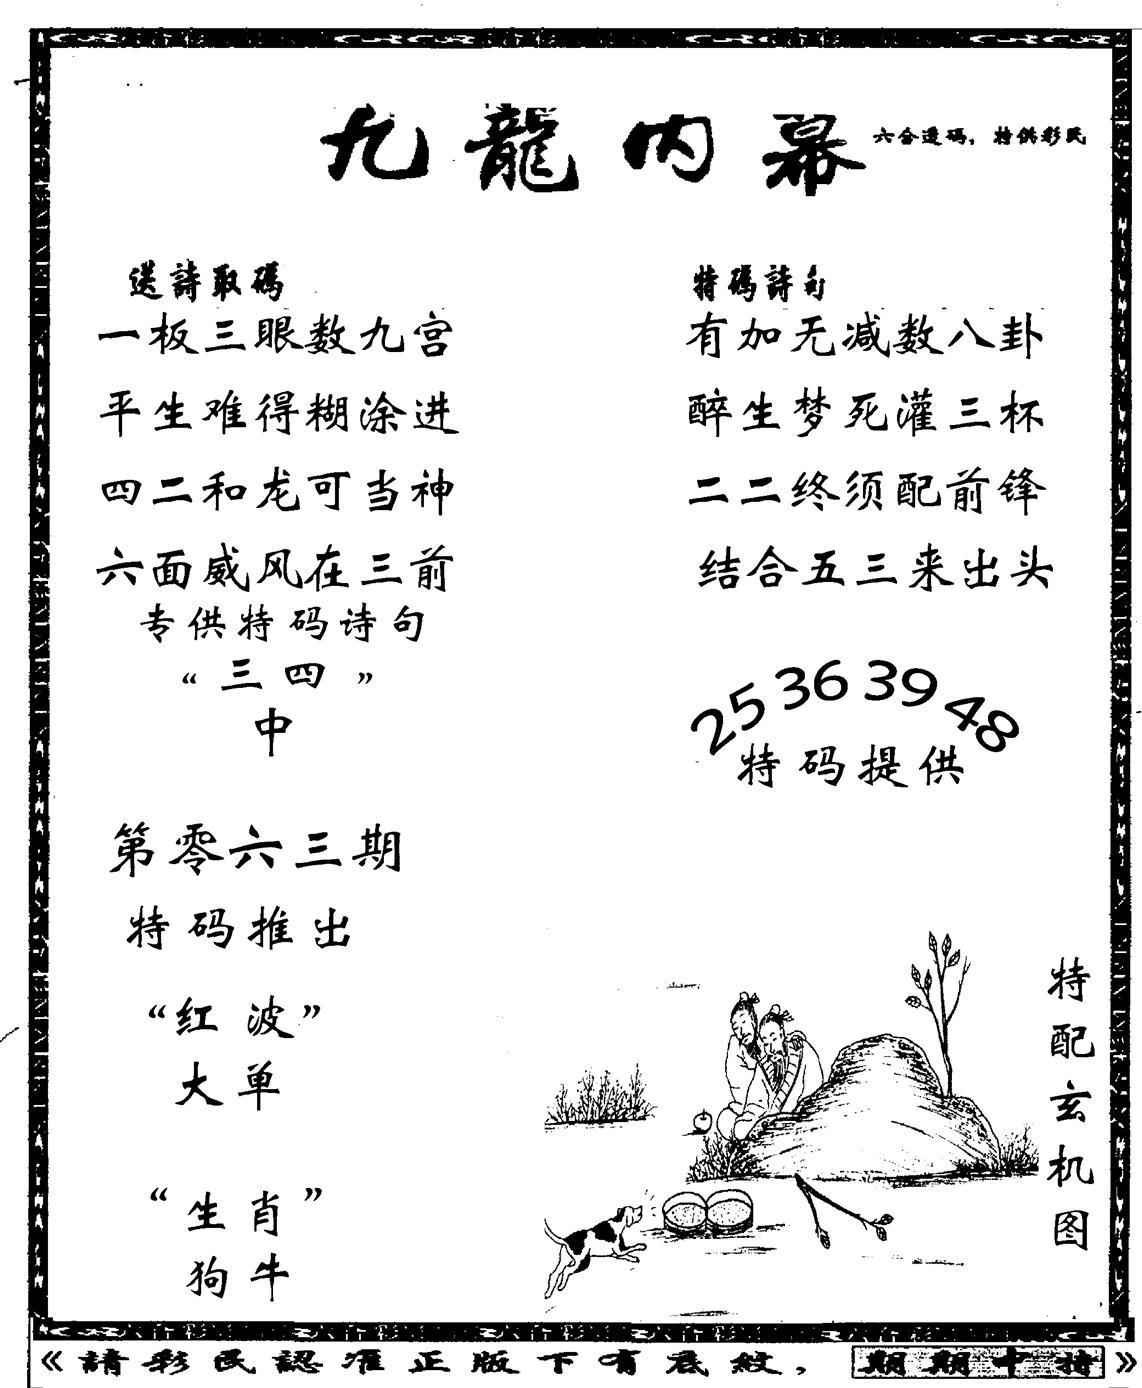 063期老九龙内幕(黑白)